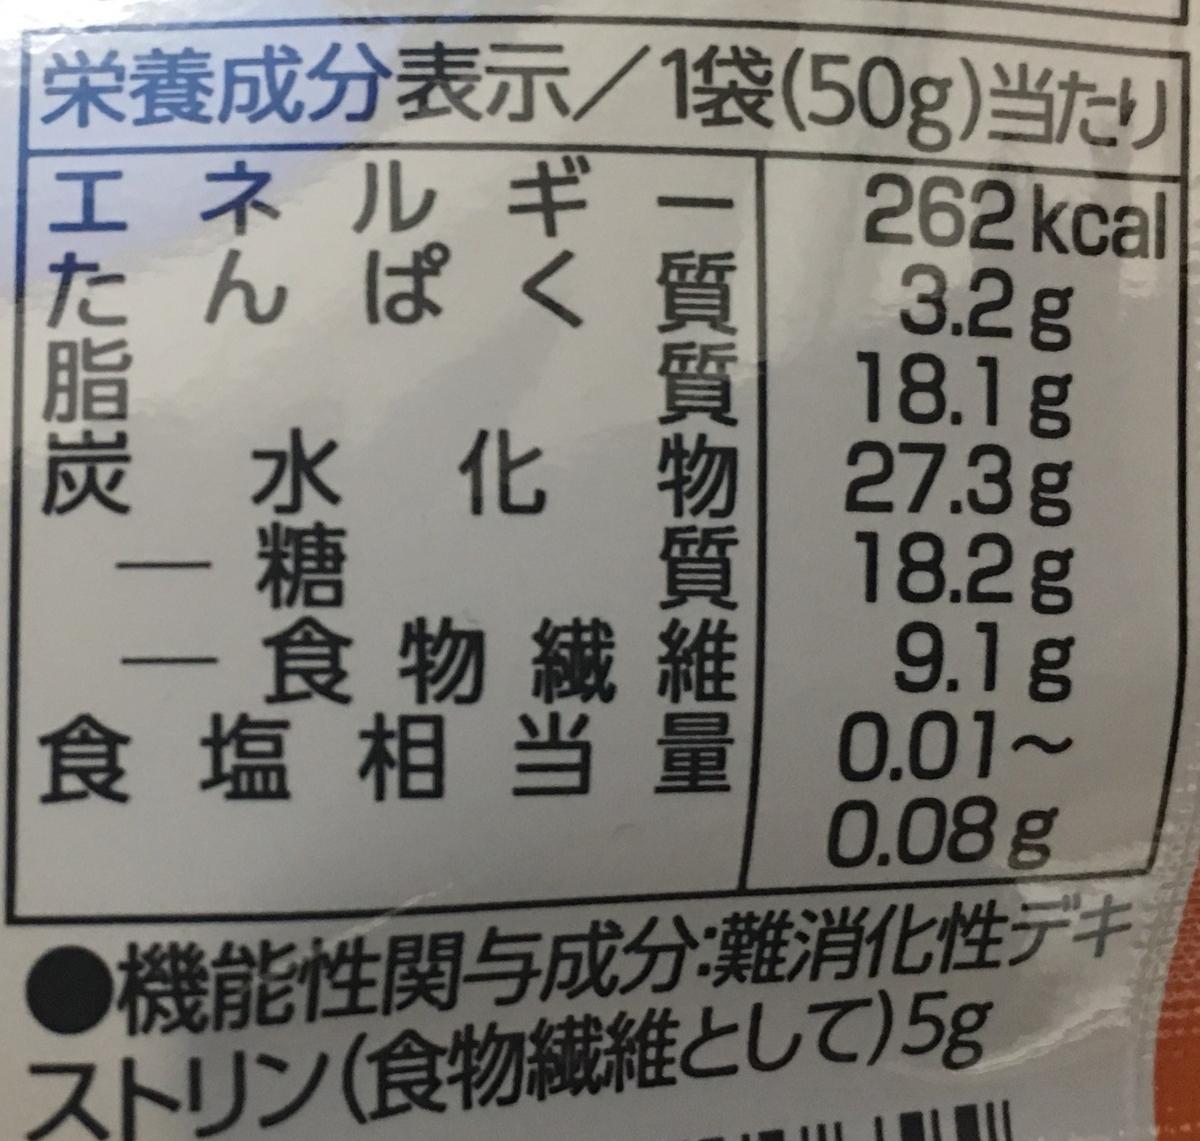 f:id:YOSHIO1010:20200214001501j:plain